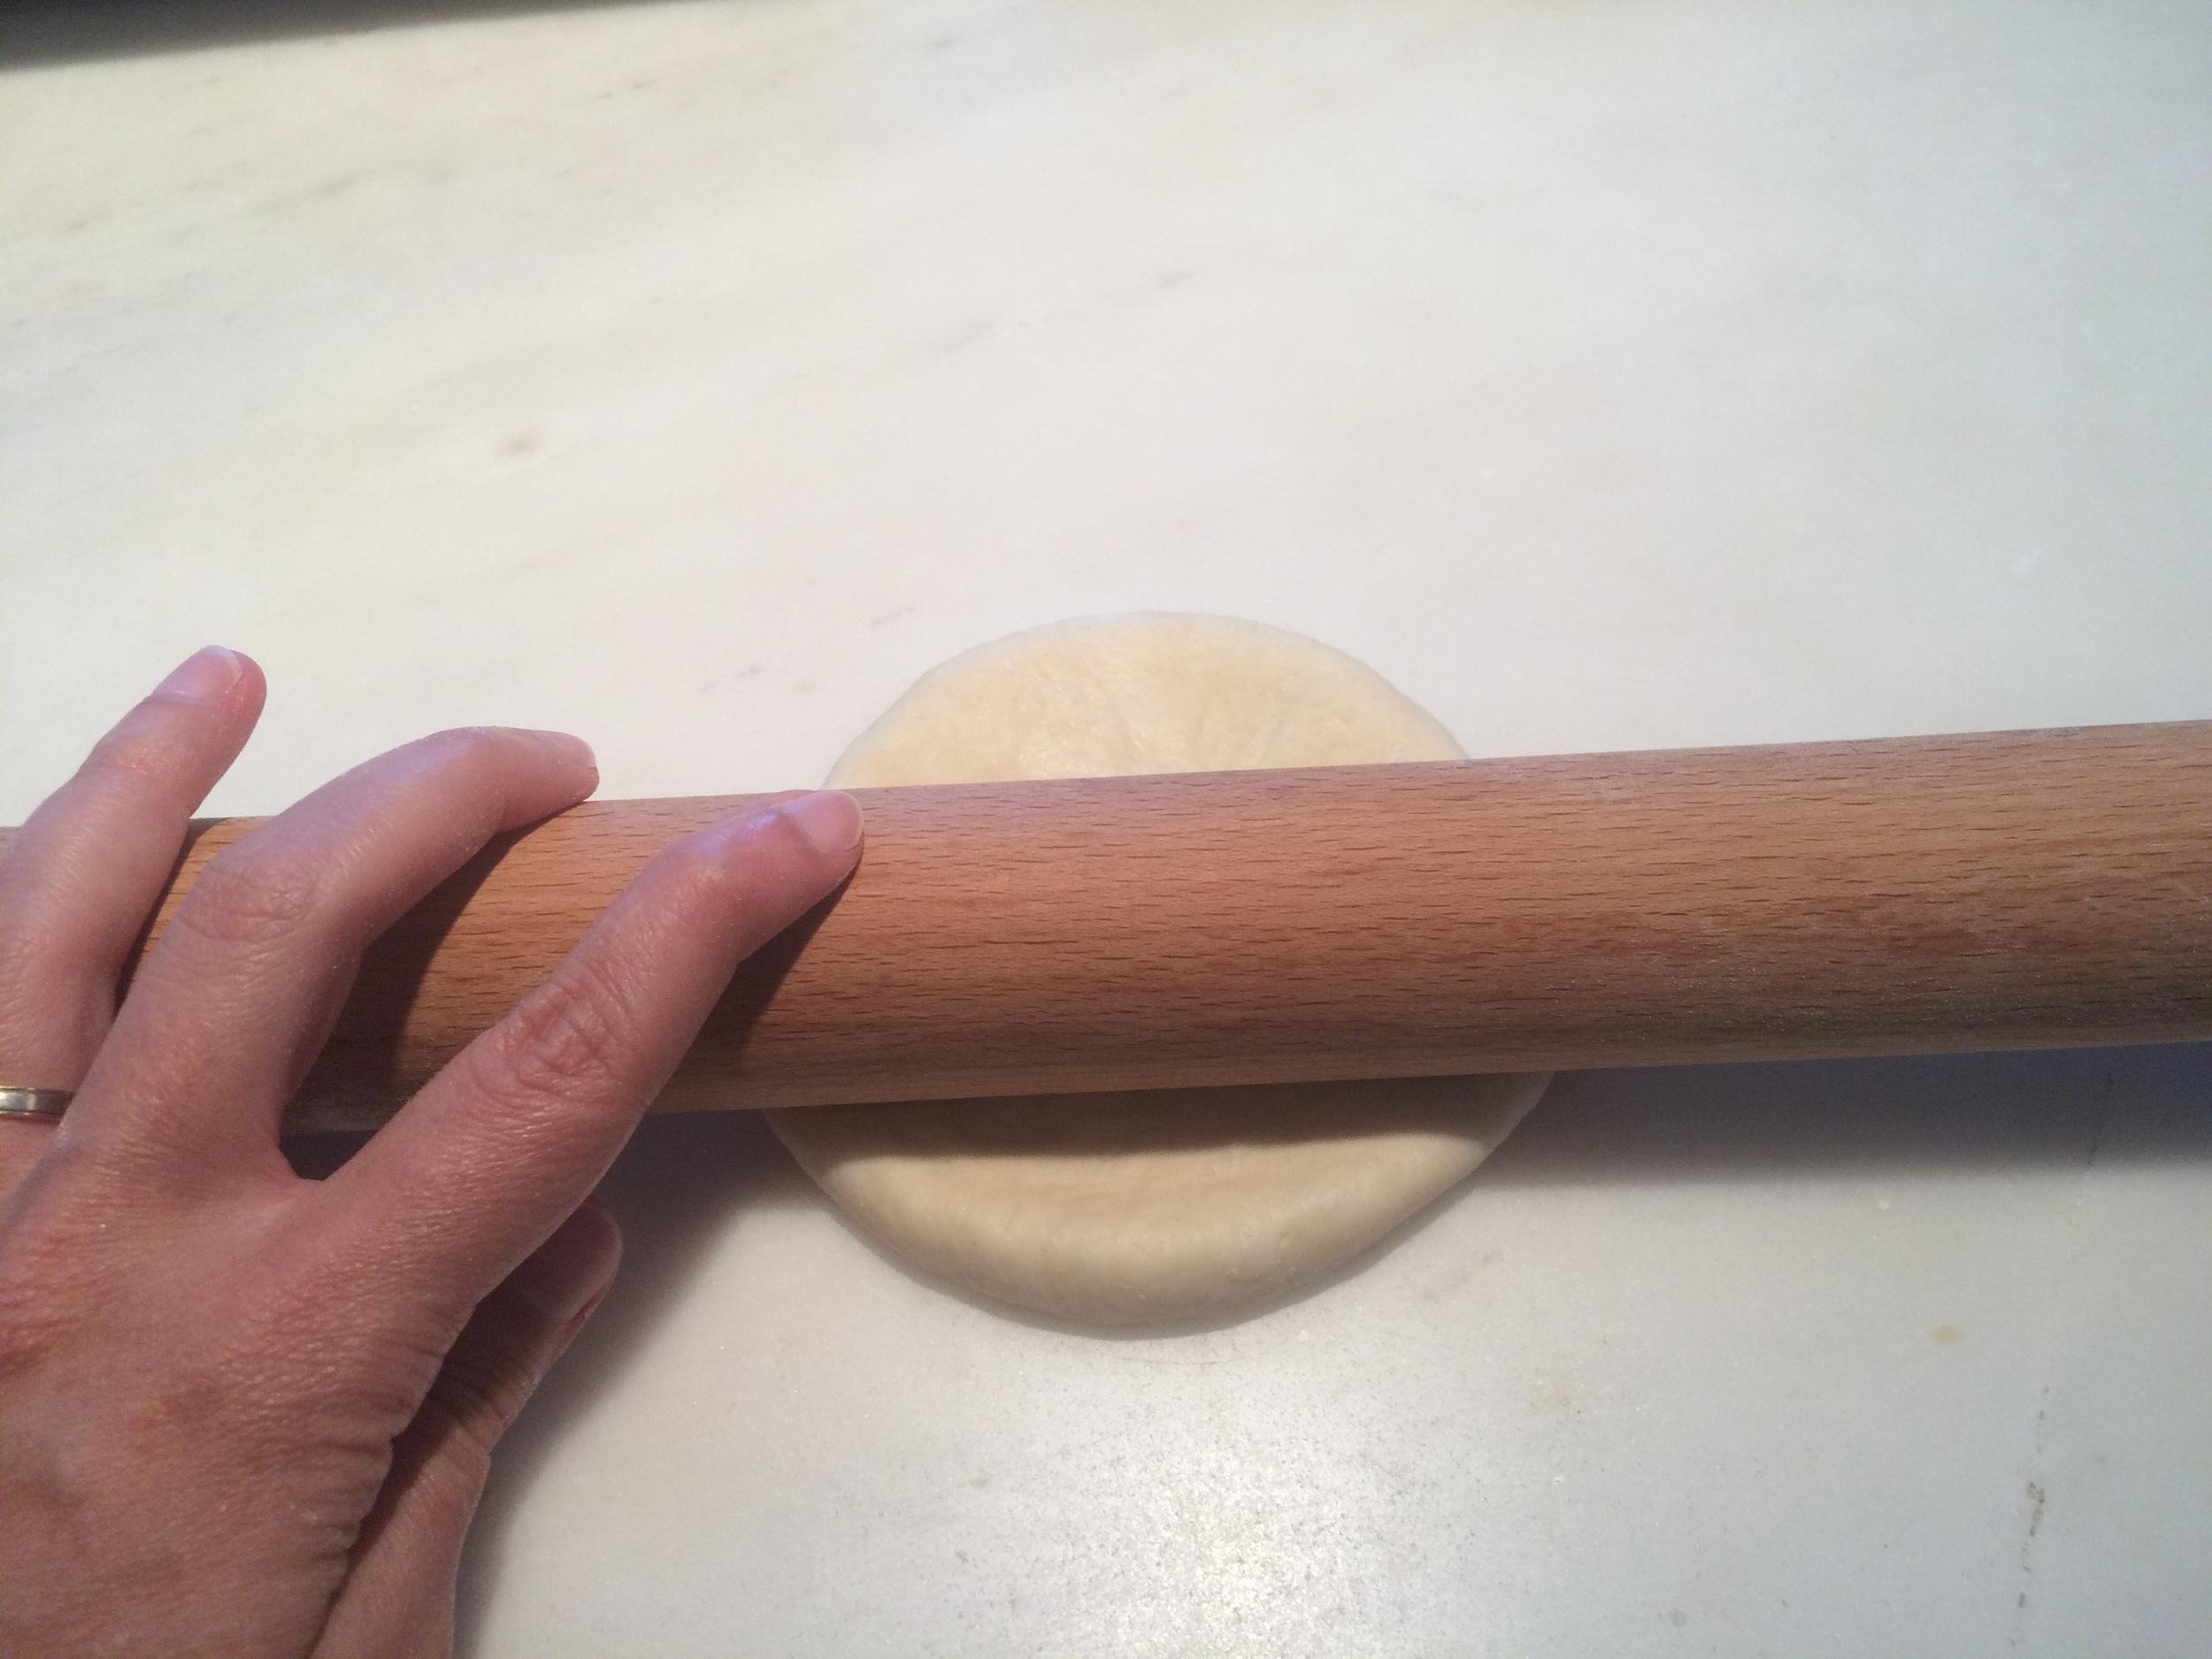 Com a ajuda de um rolo, abra a massa em formato oval para poder enrolar os pães.